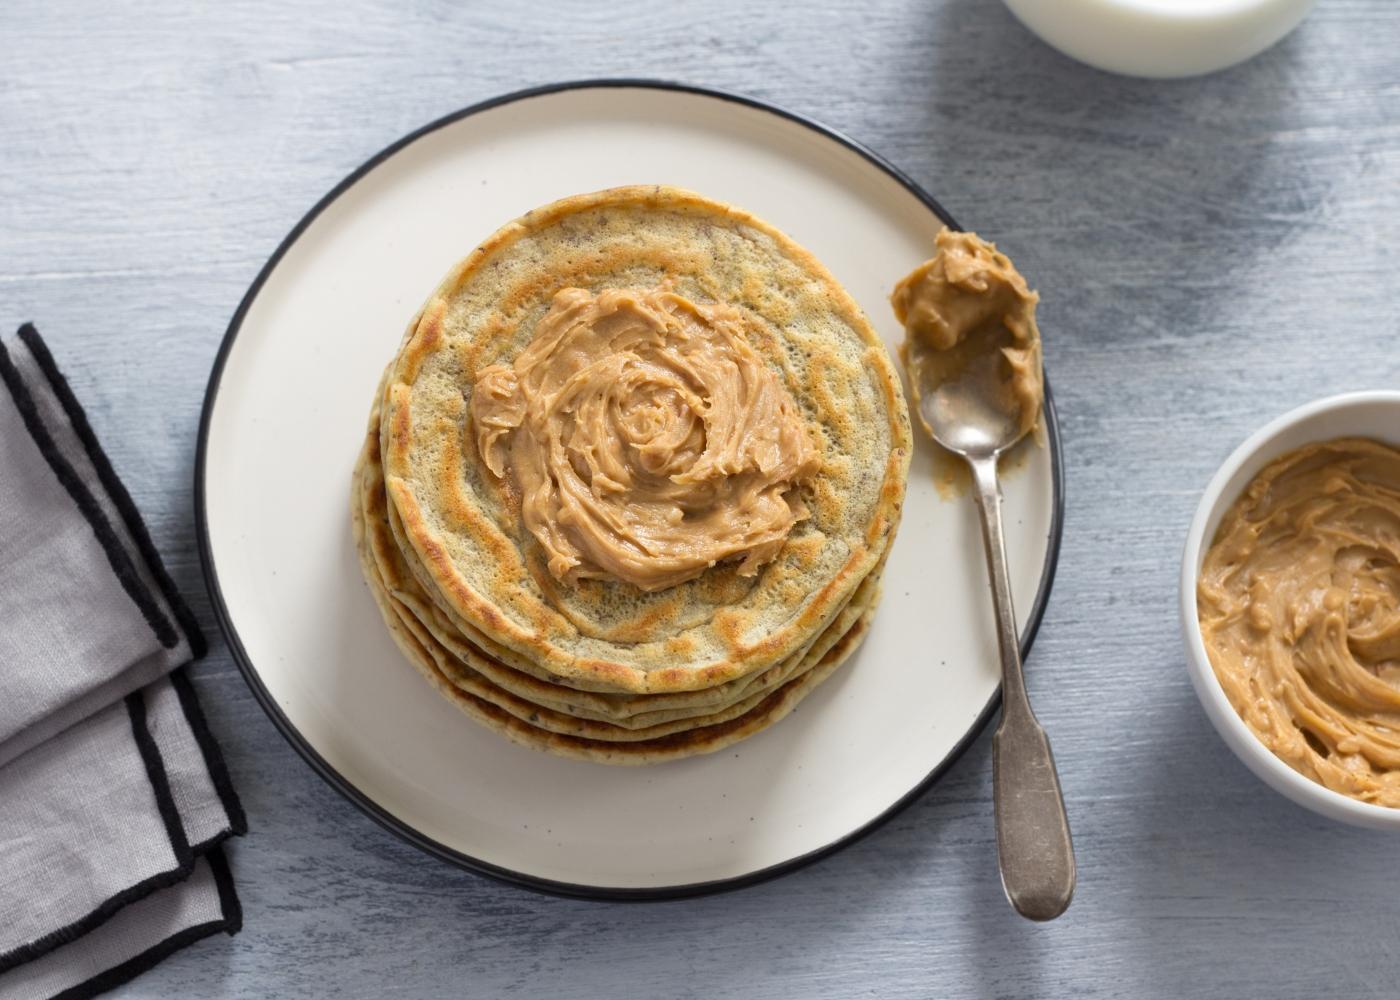 panquecas de aveia com topping de manteiga de amendoim